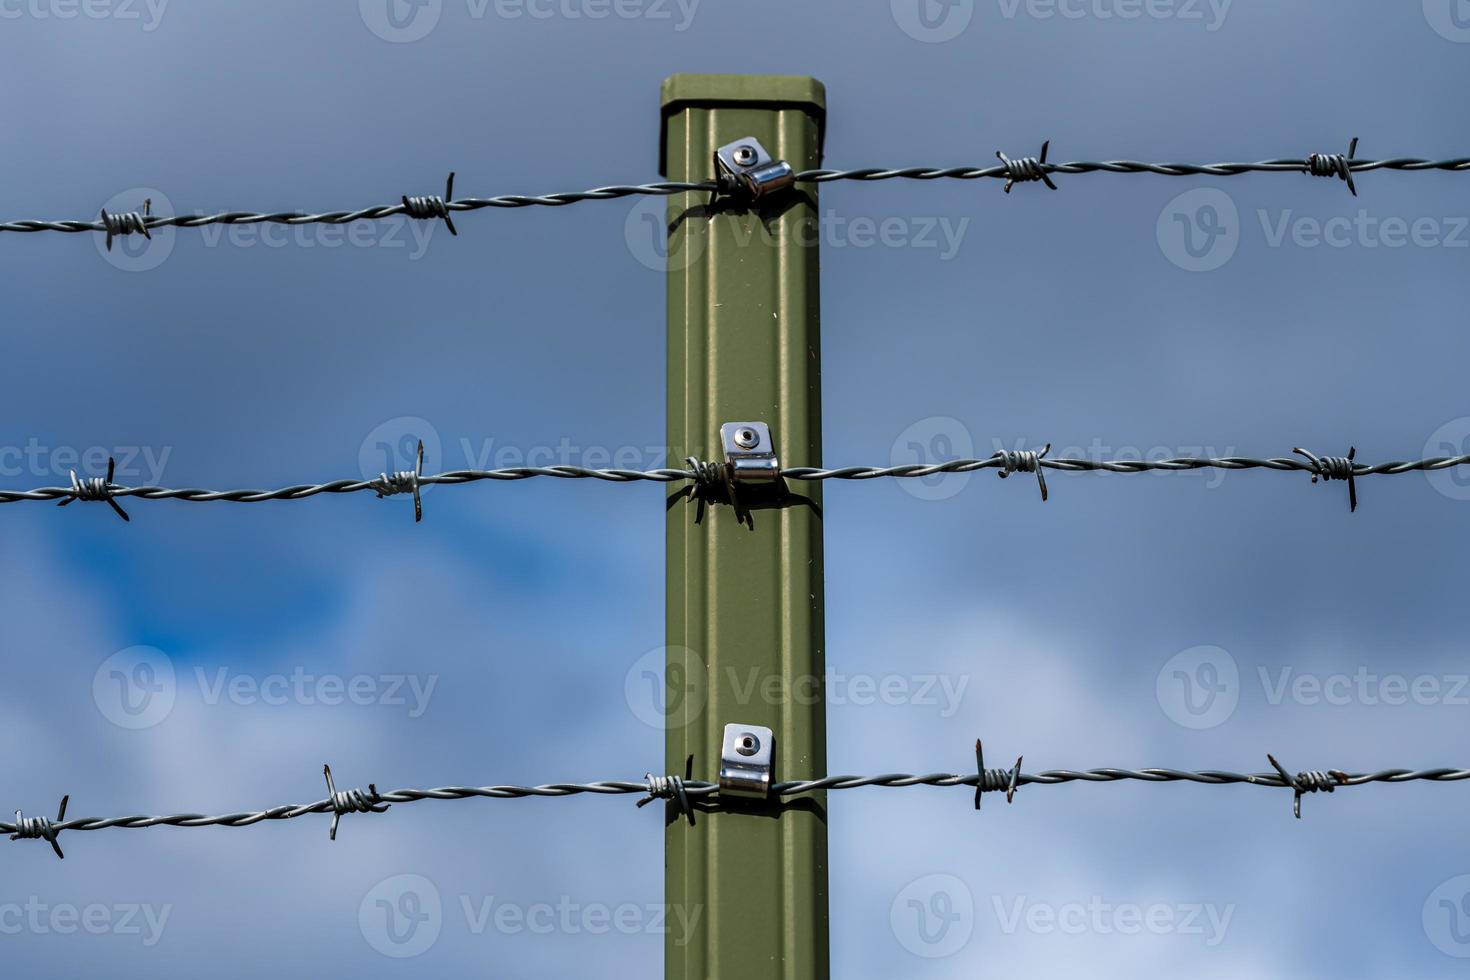 groene hekpaal met drie rijen prikkeldraad foto